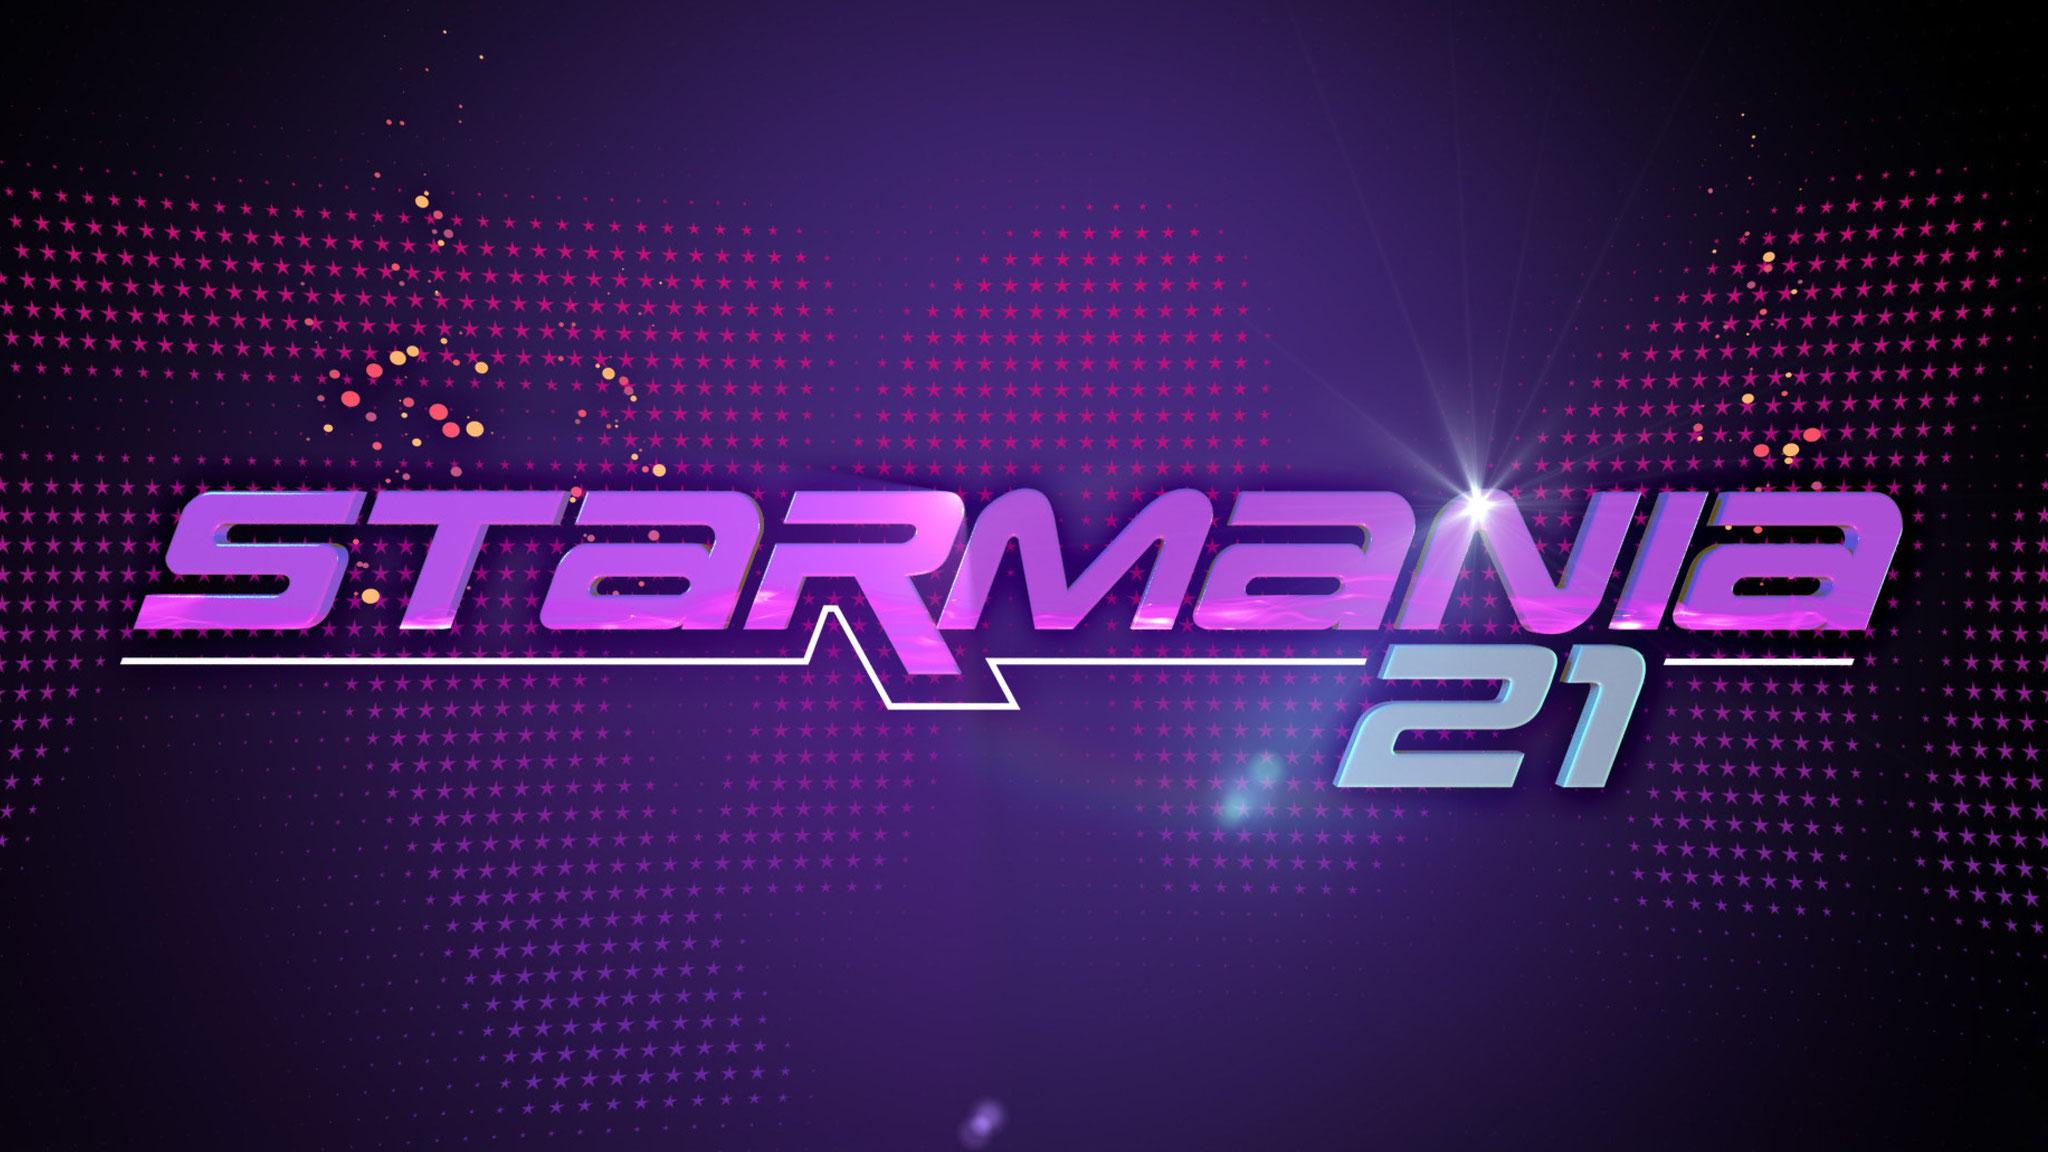 ORF-Musikshow Starmania startet am 26.02.2021: Aufruf zum Casting